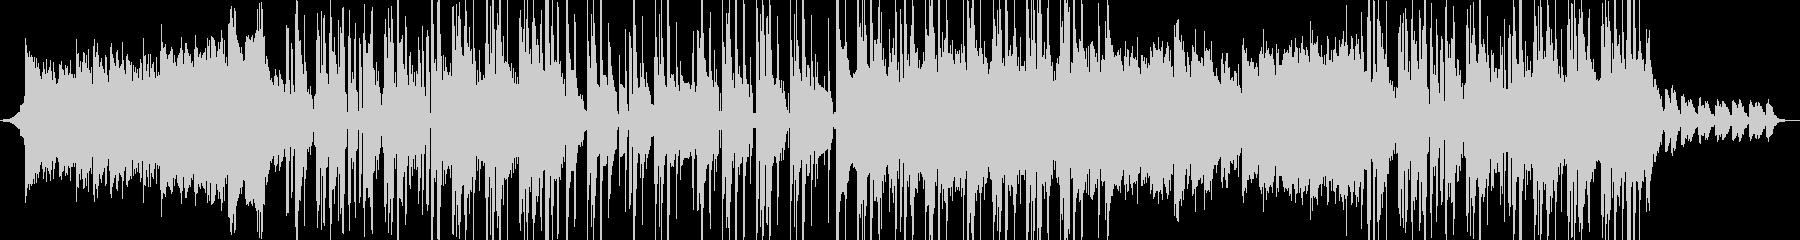 K-POP風のクールなポップスの未再生の波形